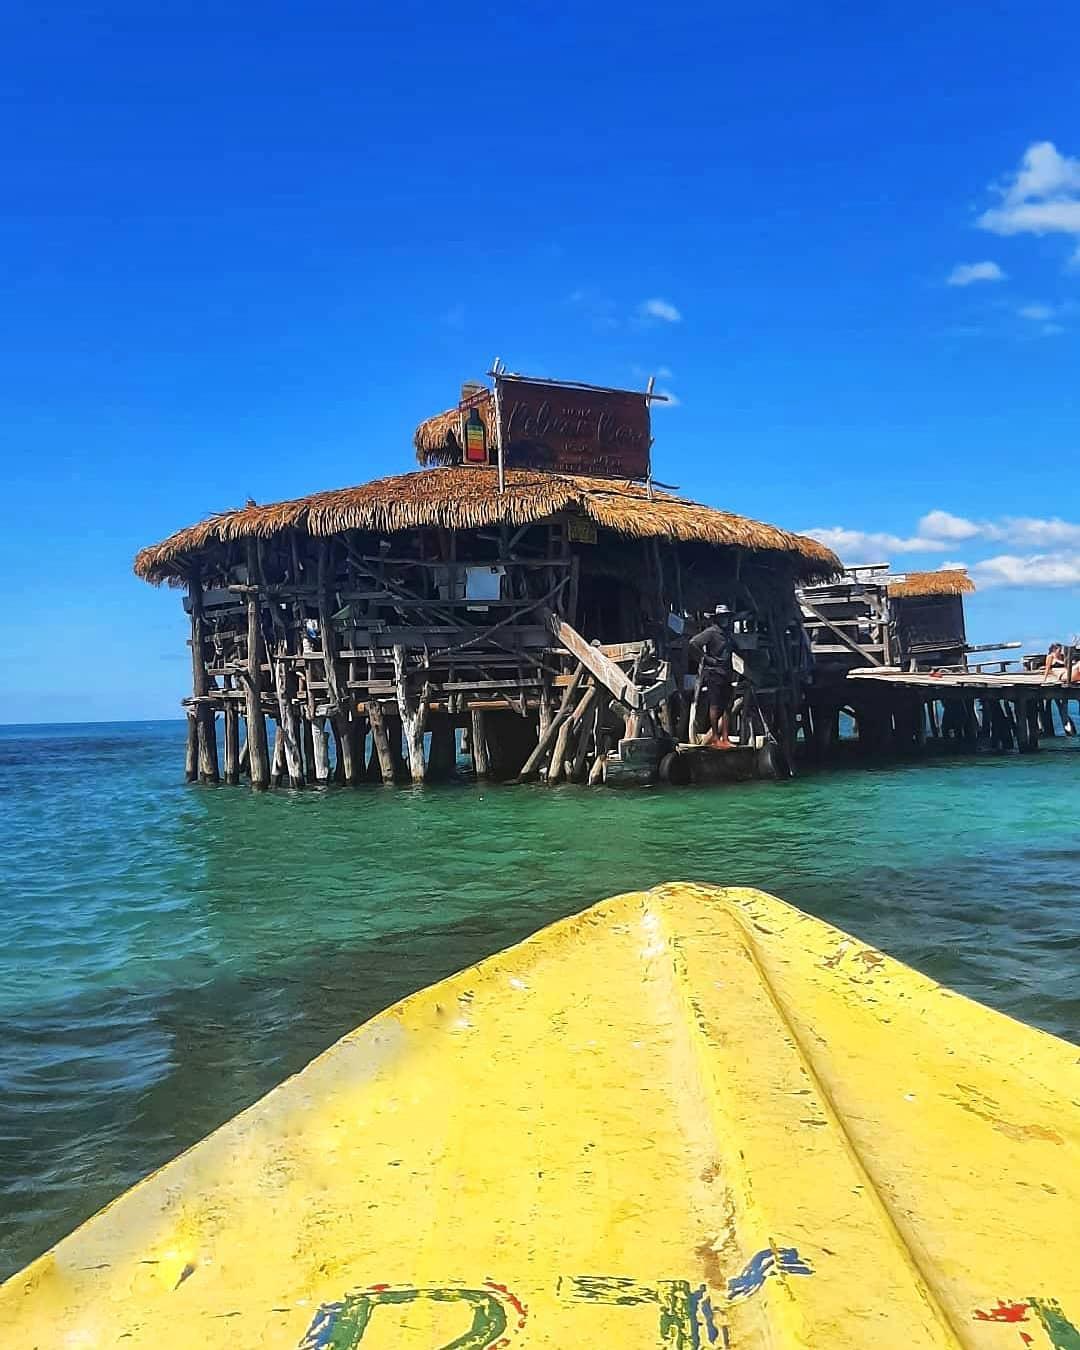 Jamaica instagram spots, most instagrammable places in Jamaica, Jamaica photos, Jamaica photography, Floyd's Pelican Bar